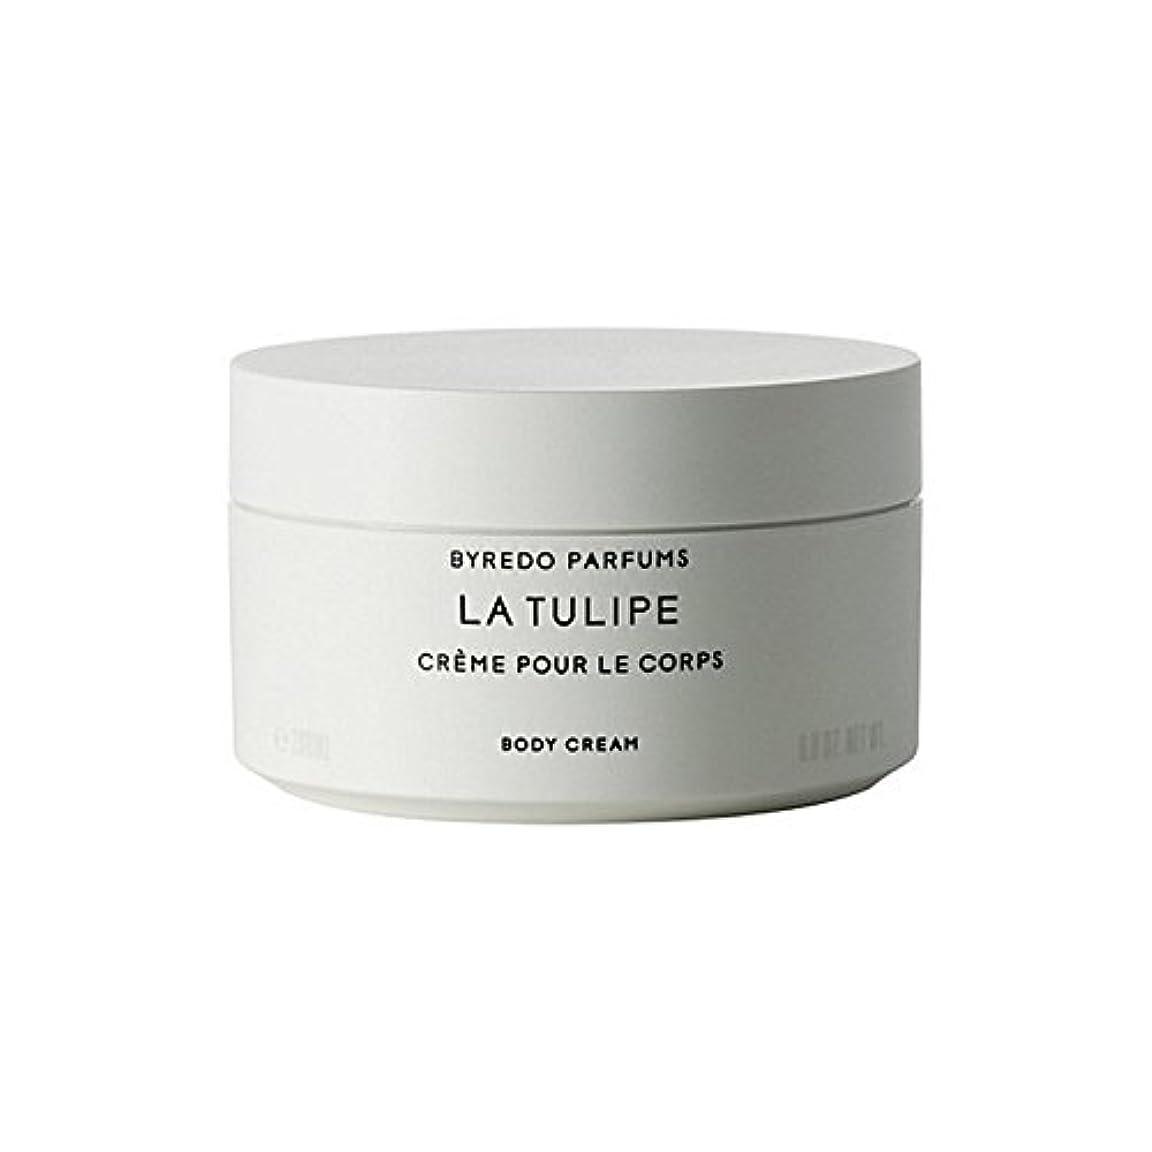 モンゴメリー寮小さなラチューリップボディクリーム200ミリリットル x4 - Byredo La Tulipe Body Cream 200ml (Pack of 4) [並行輸入品]